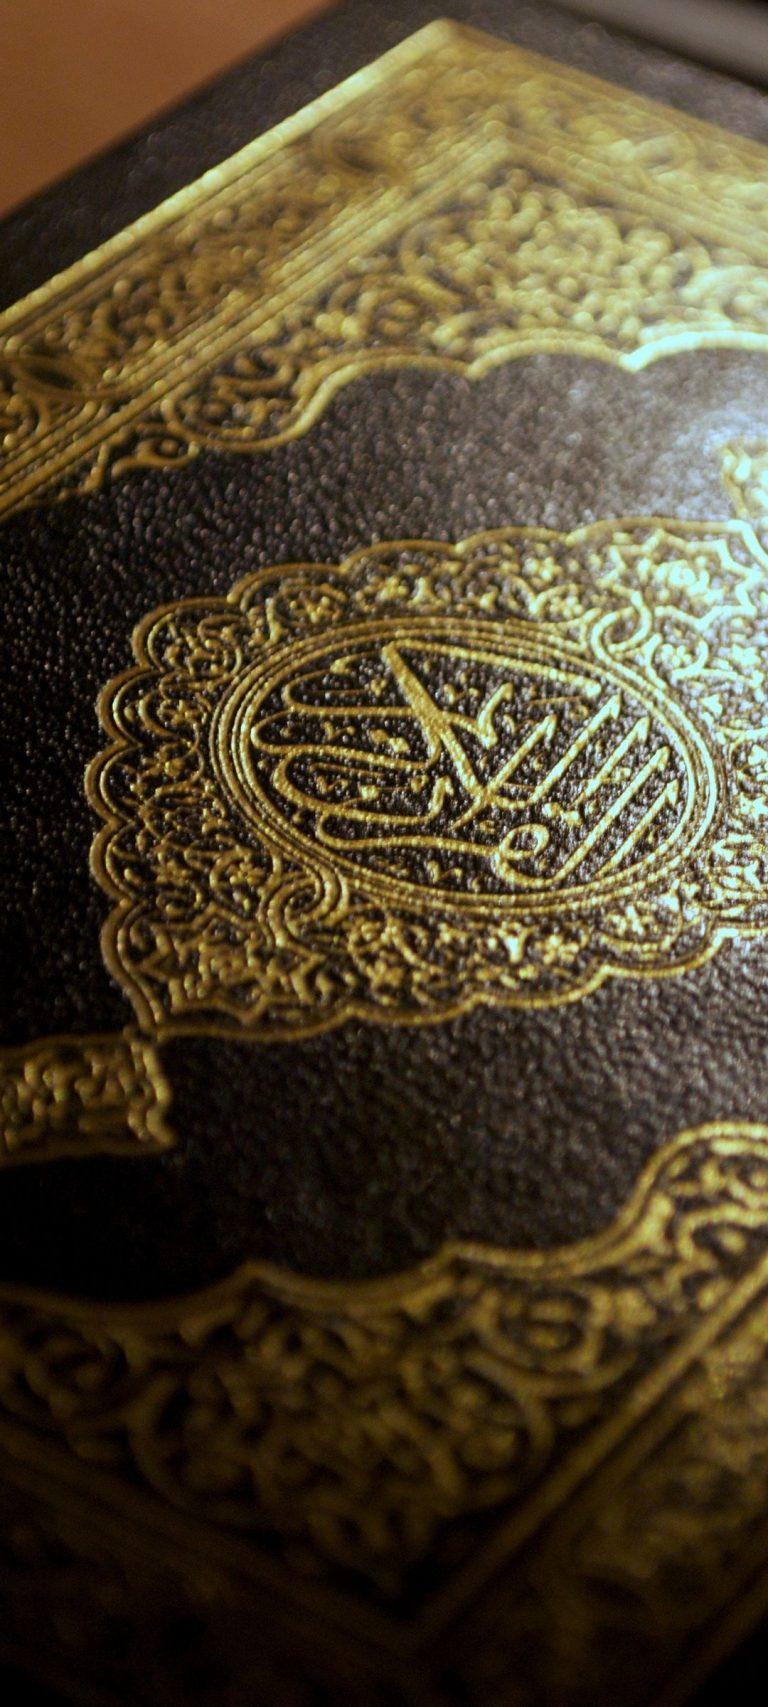 Arabic Islam Quran Holy Book 1080x2400 768x1707